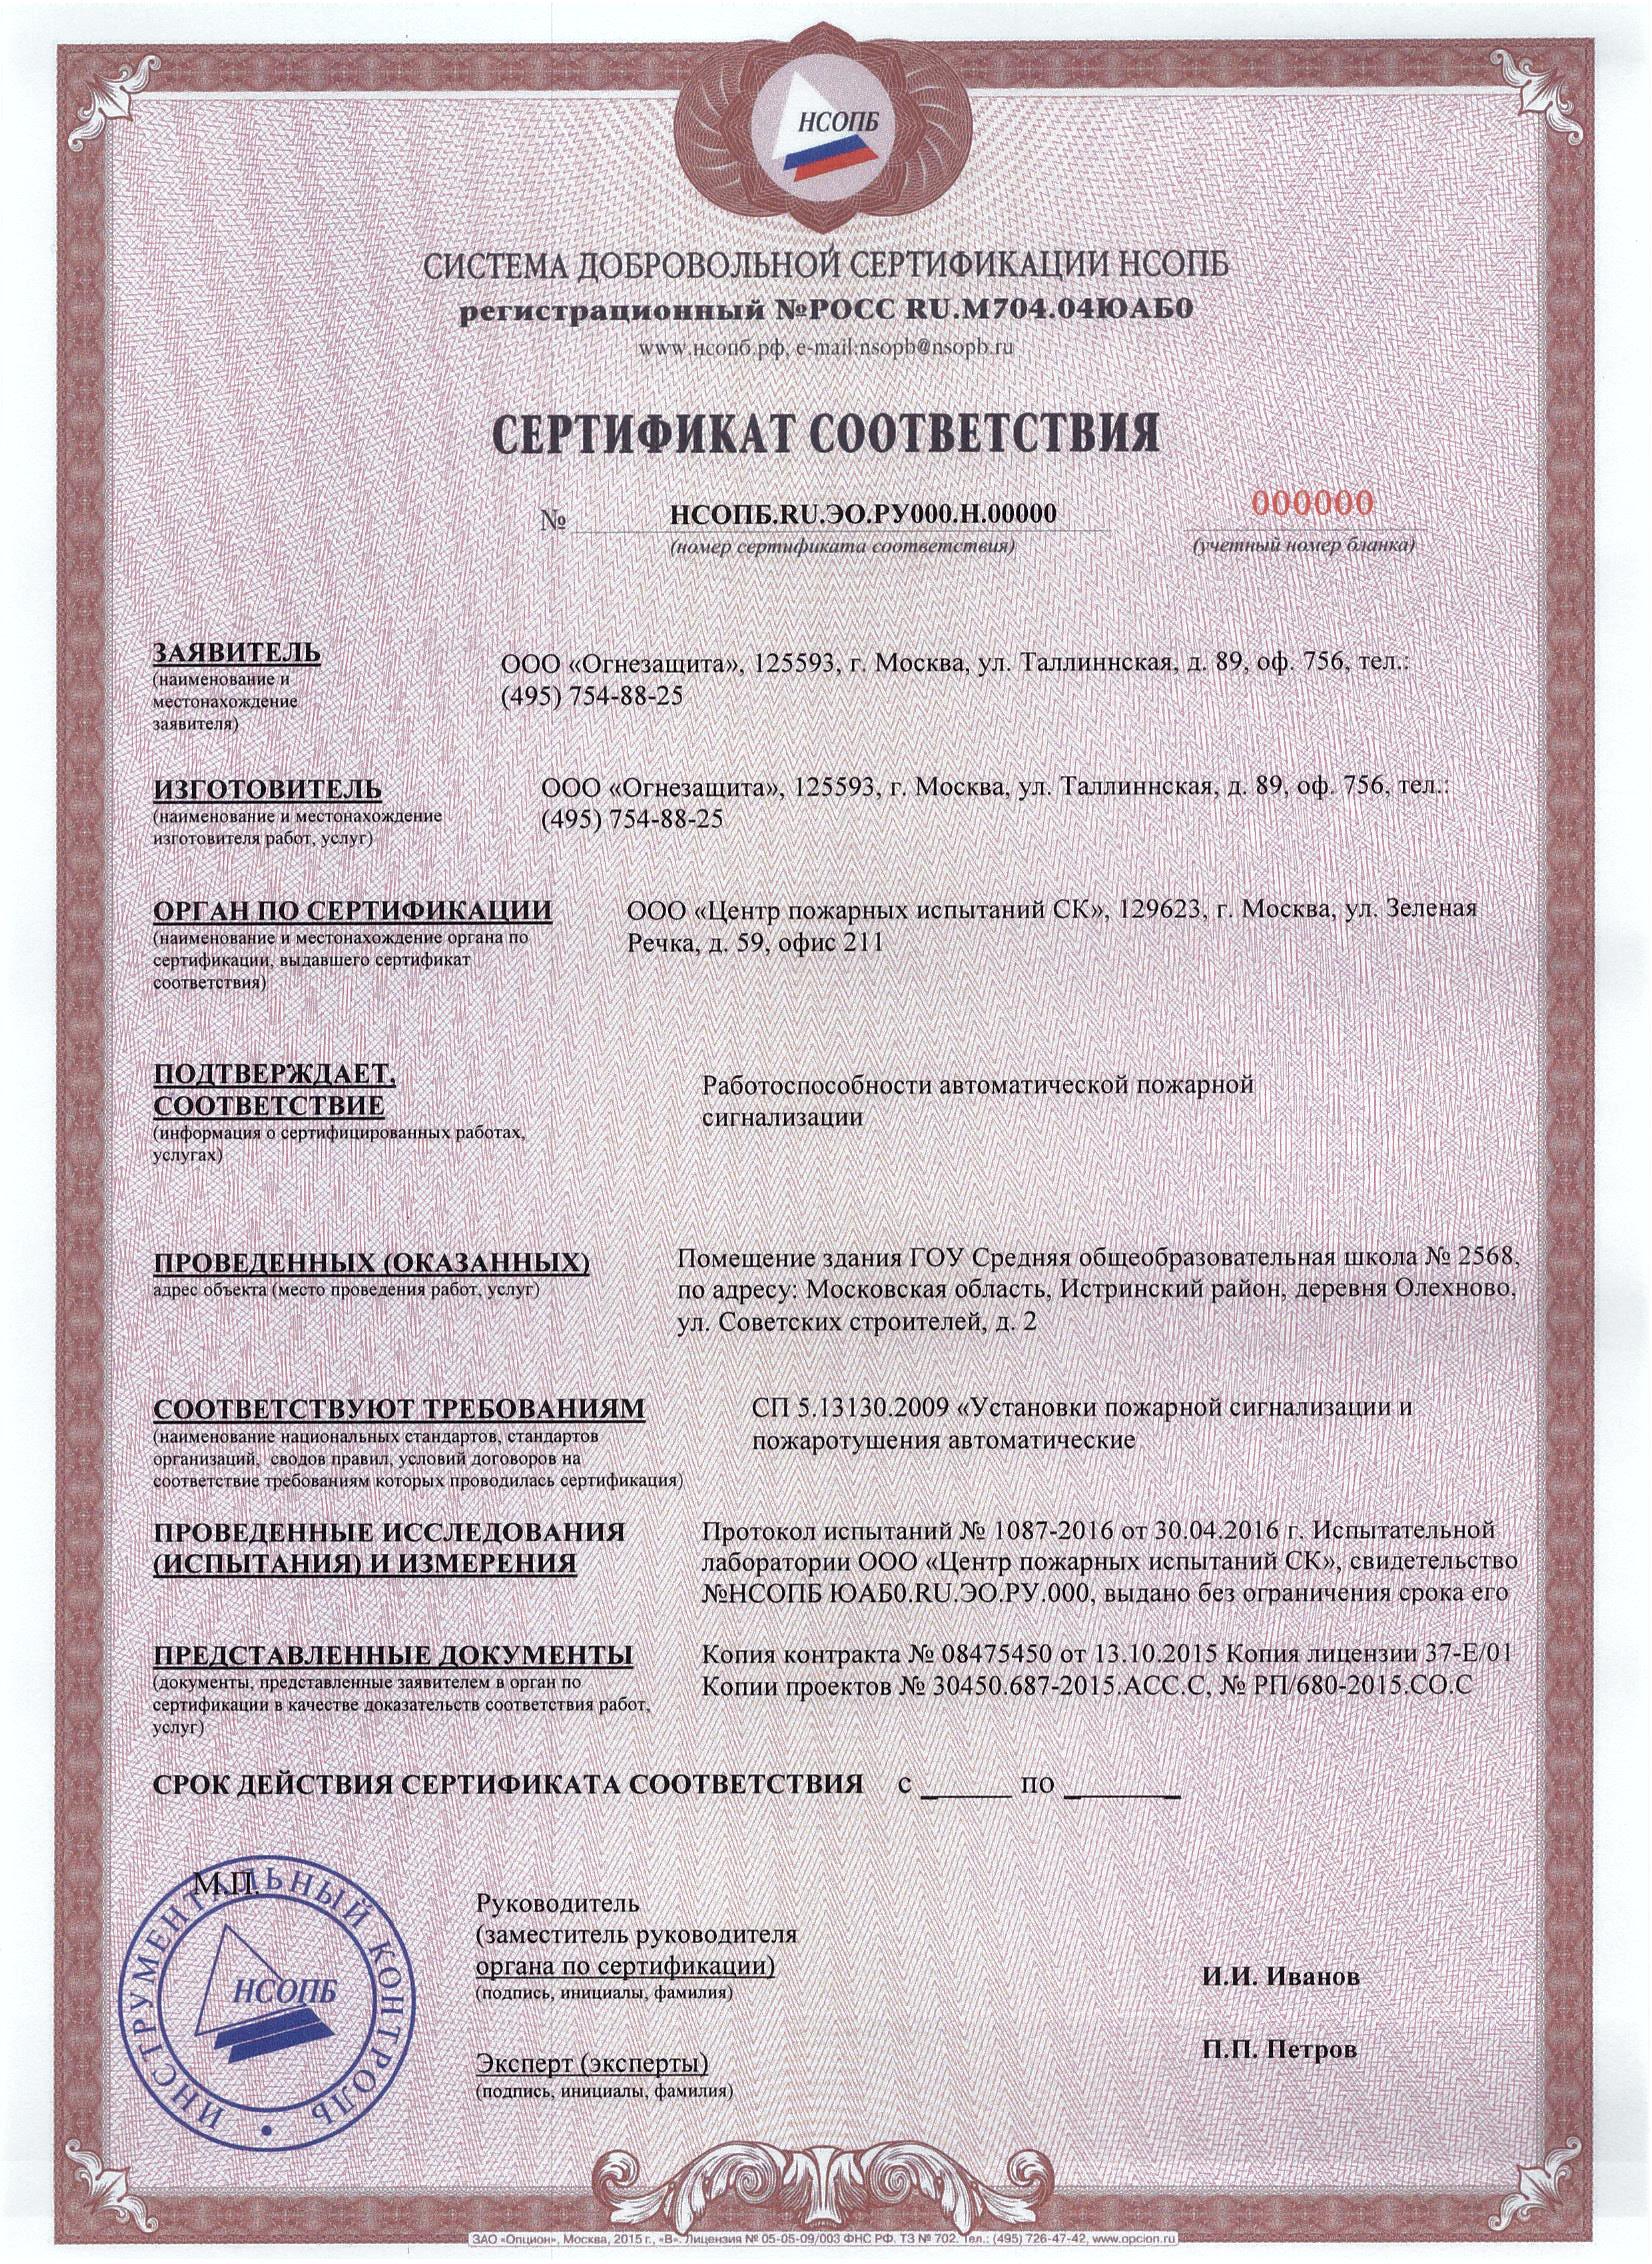 пожарный сертификат, сертификат соответствия